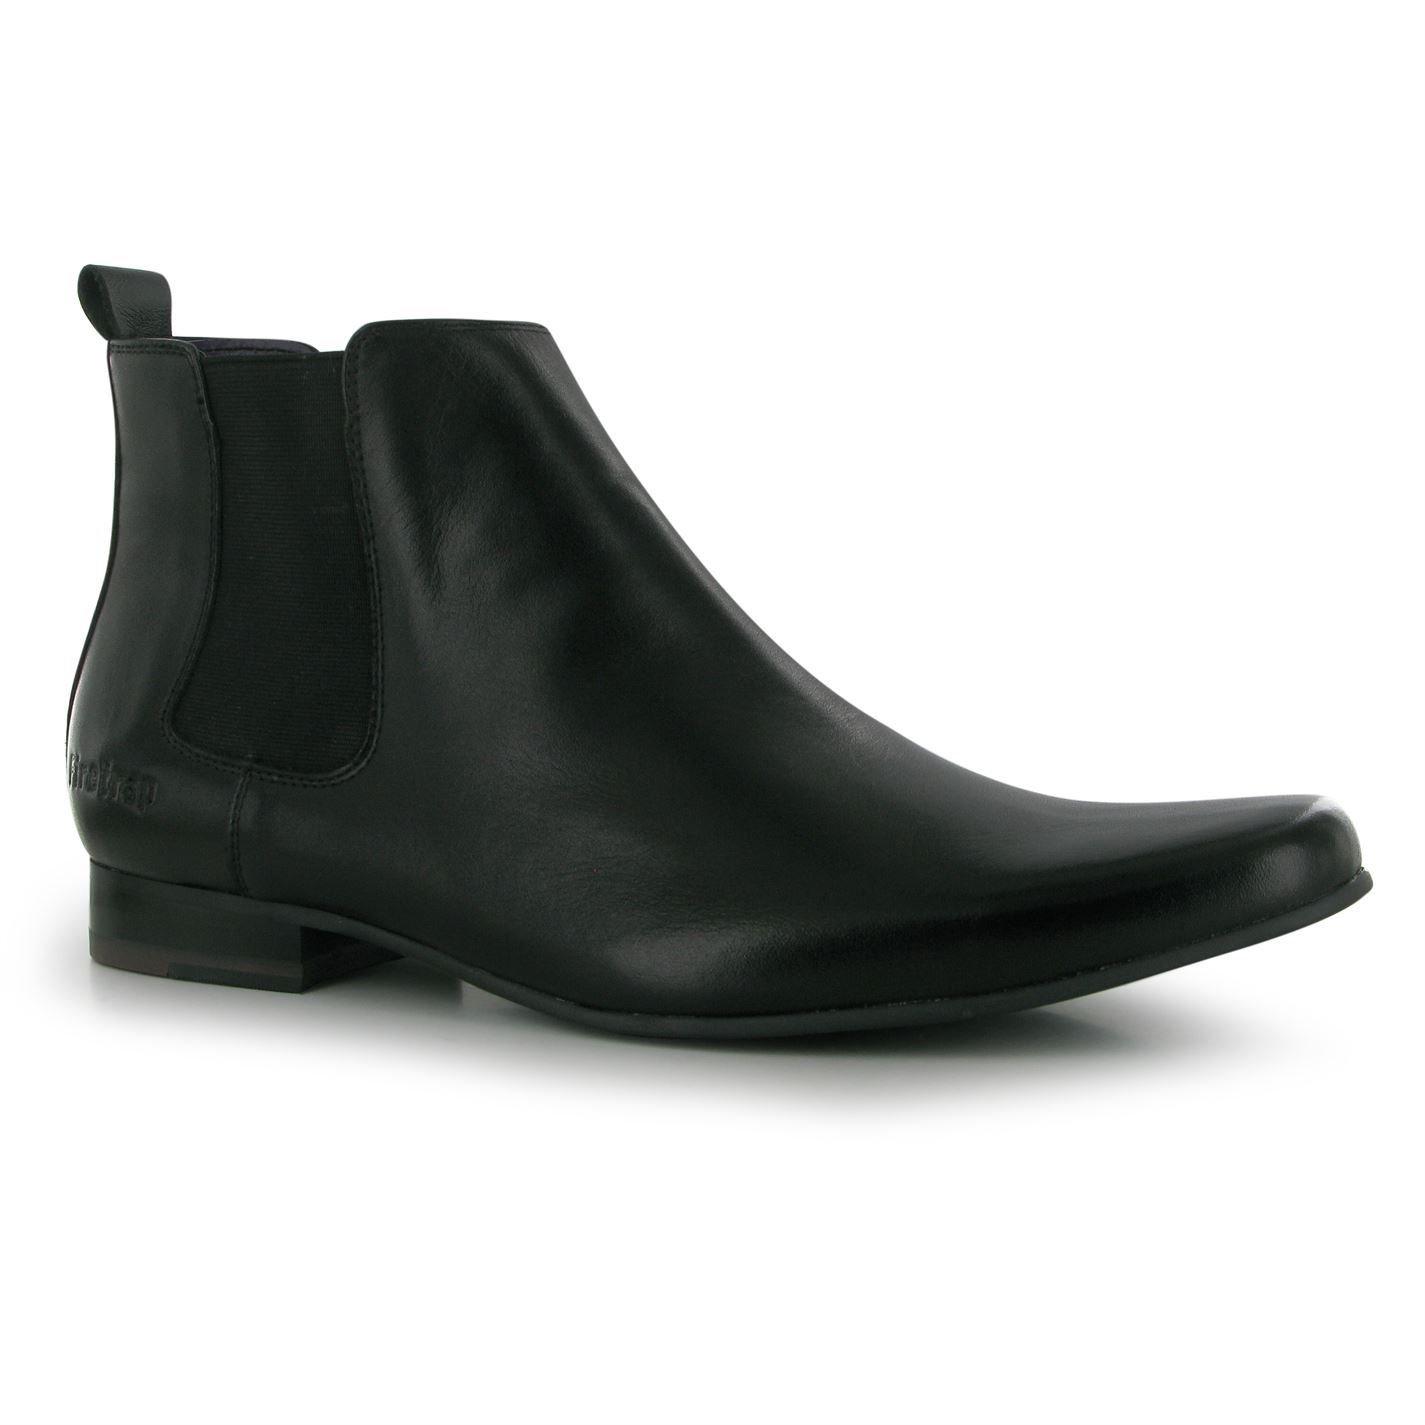 Firetrap Knöchelhohe Herren-Schuhe - Rutschfeste Chelsea-Stiefel mit elastischen Seiten